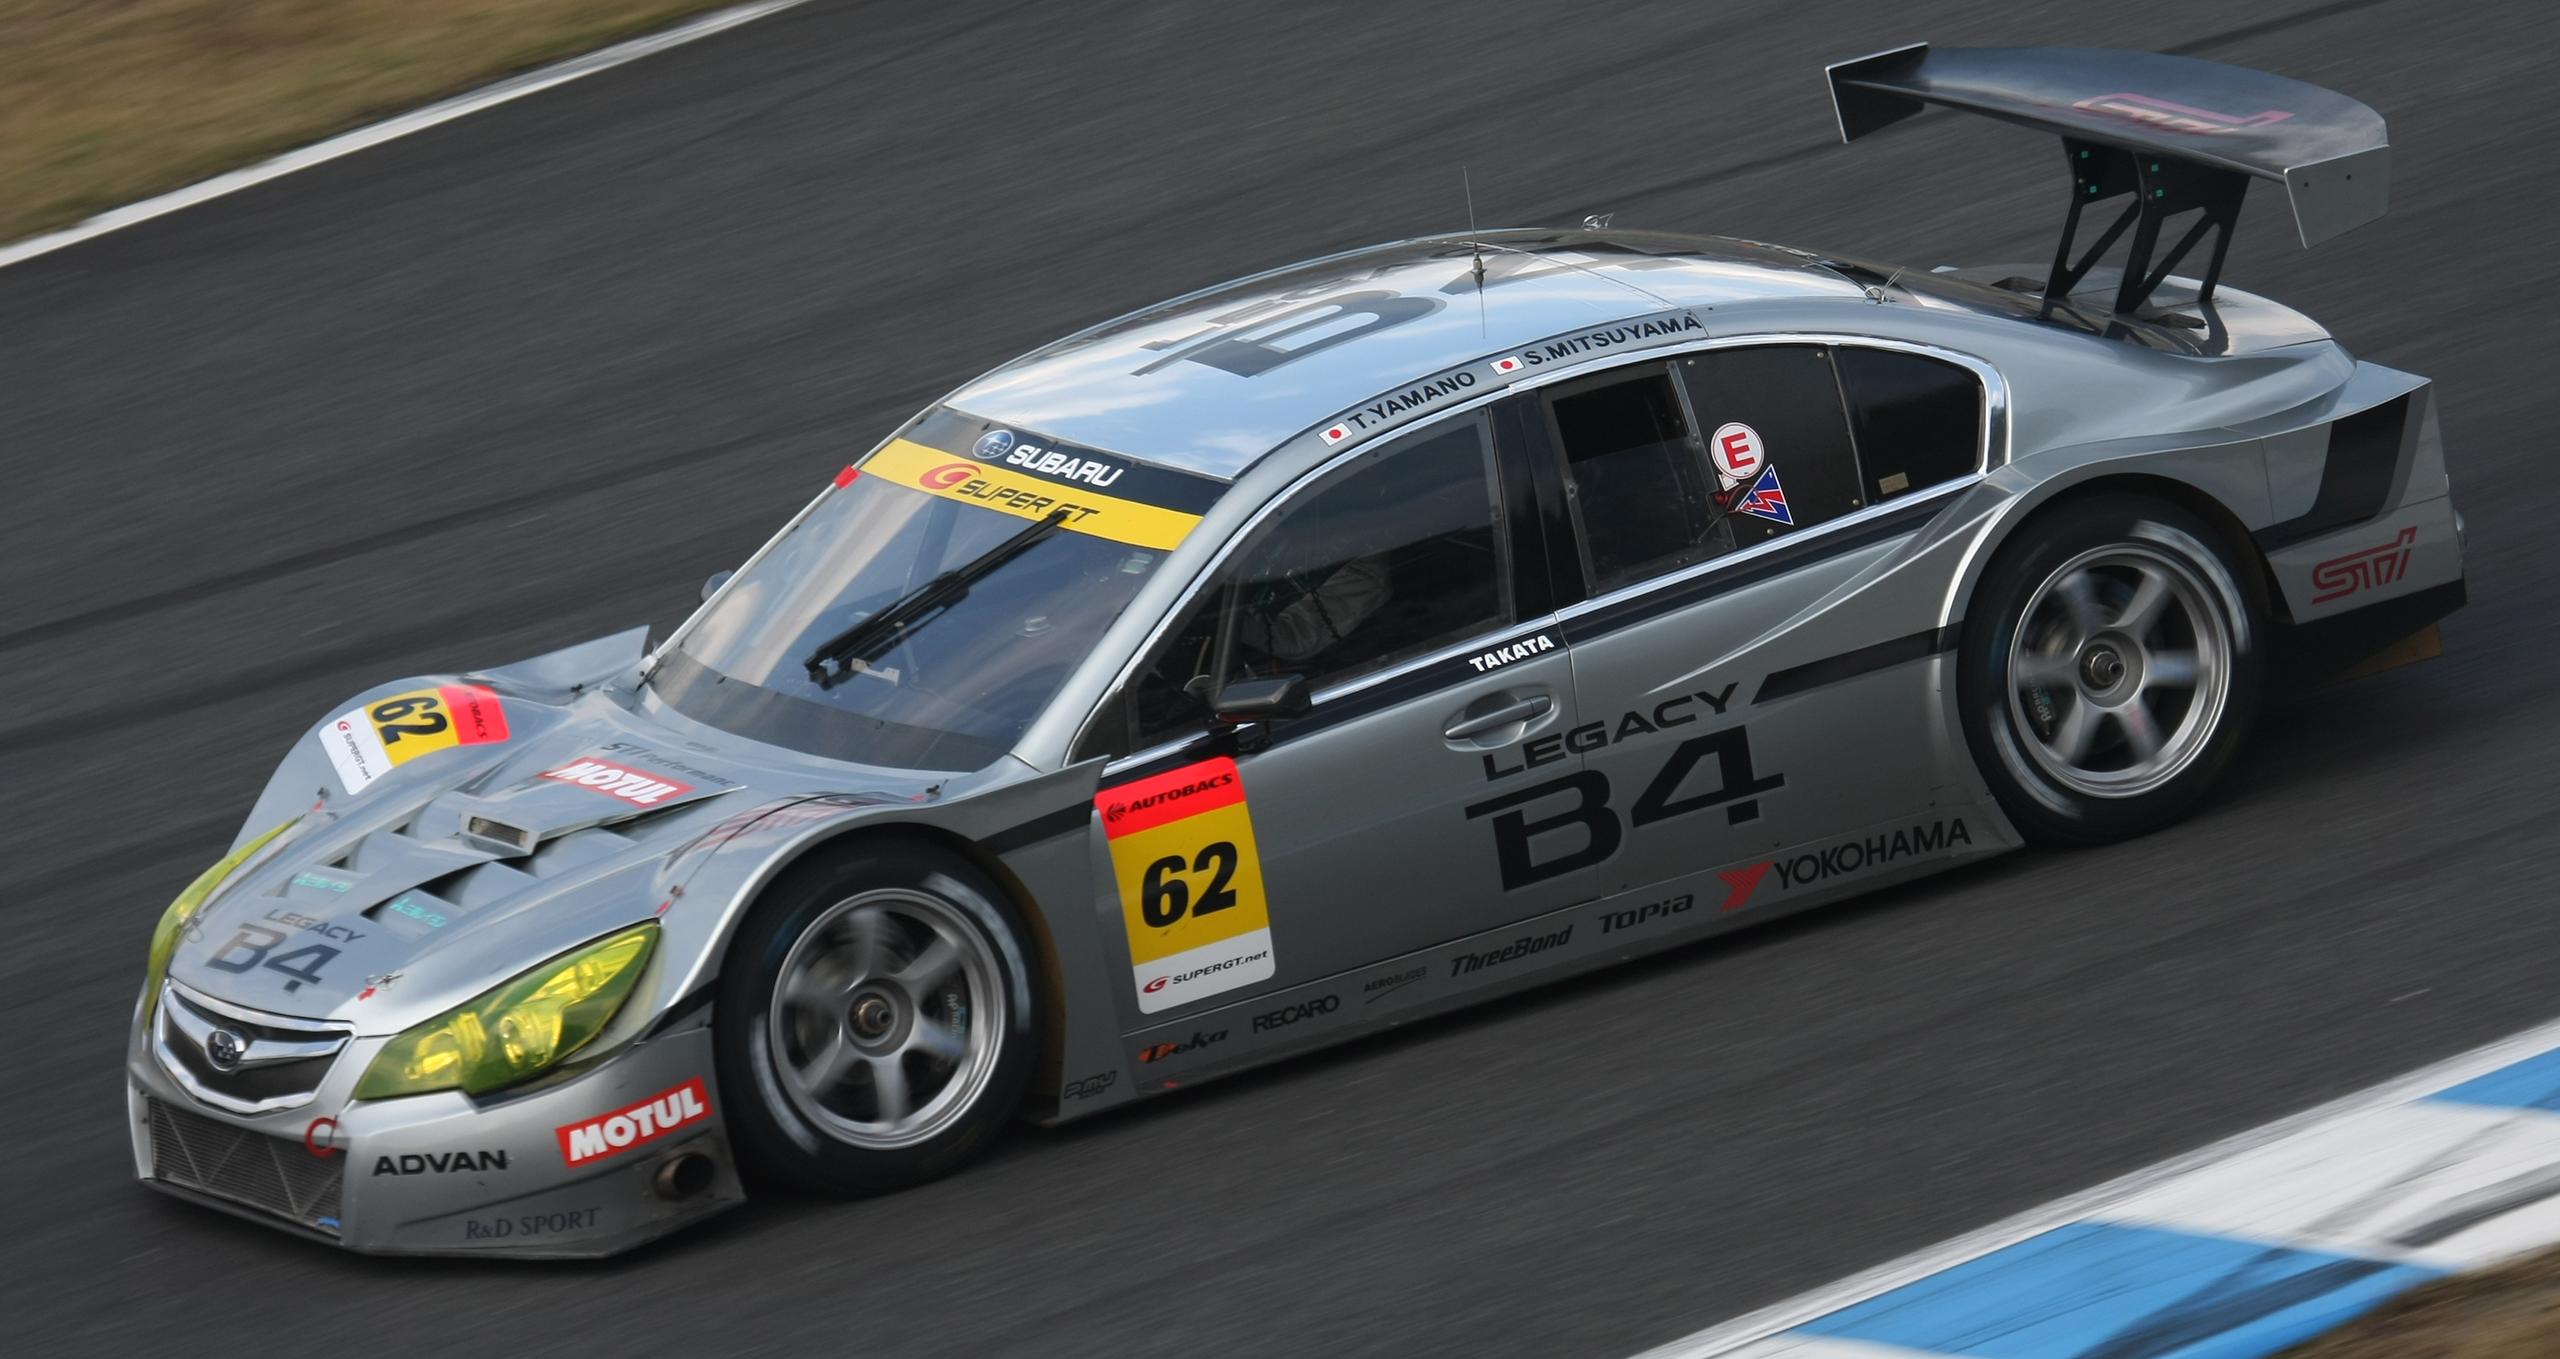 Subaru_Legacy_B4_2009_Motegi_GT_250km